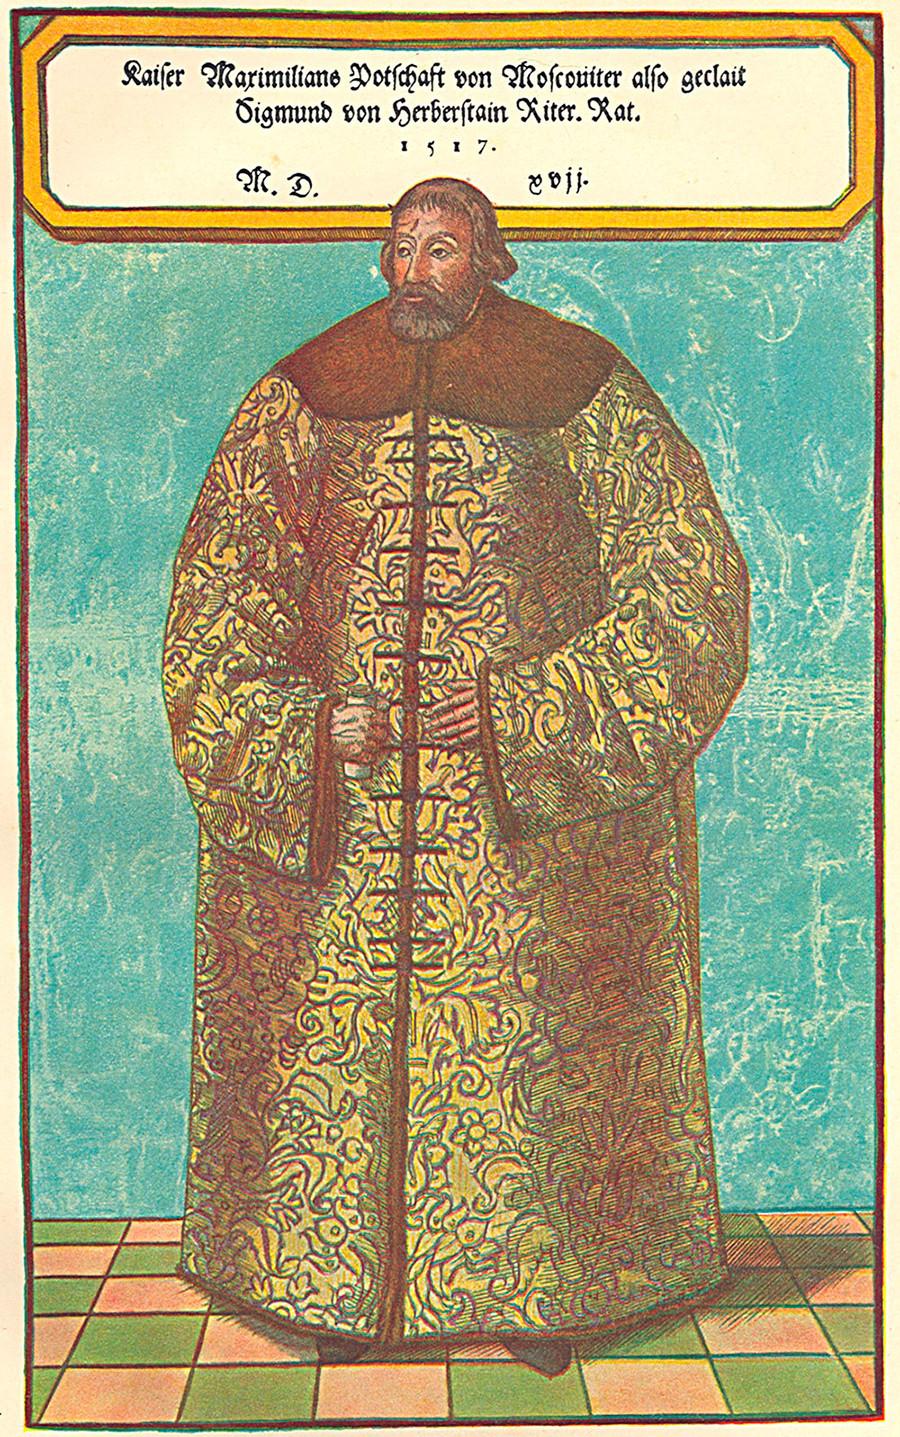 Sigismund von Herberstein